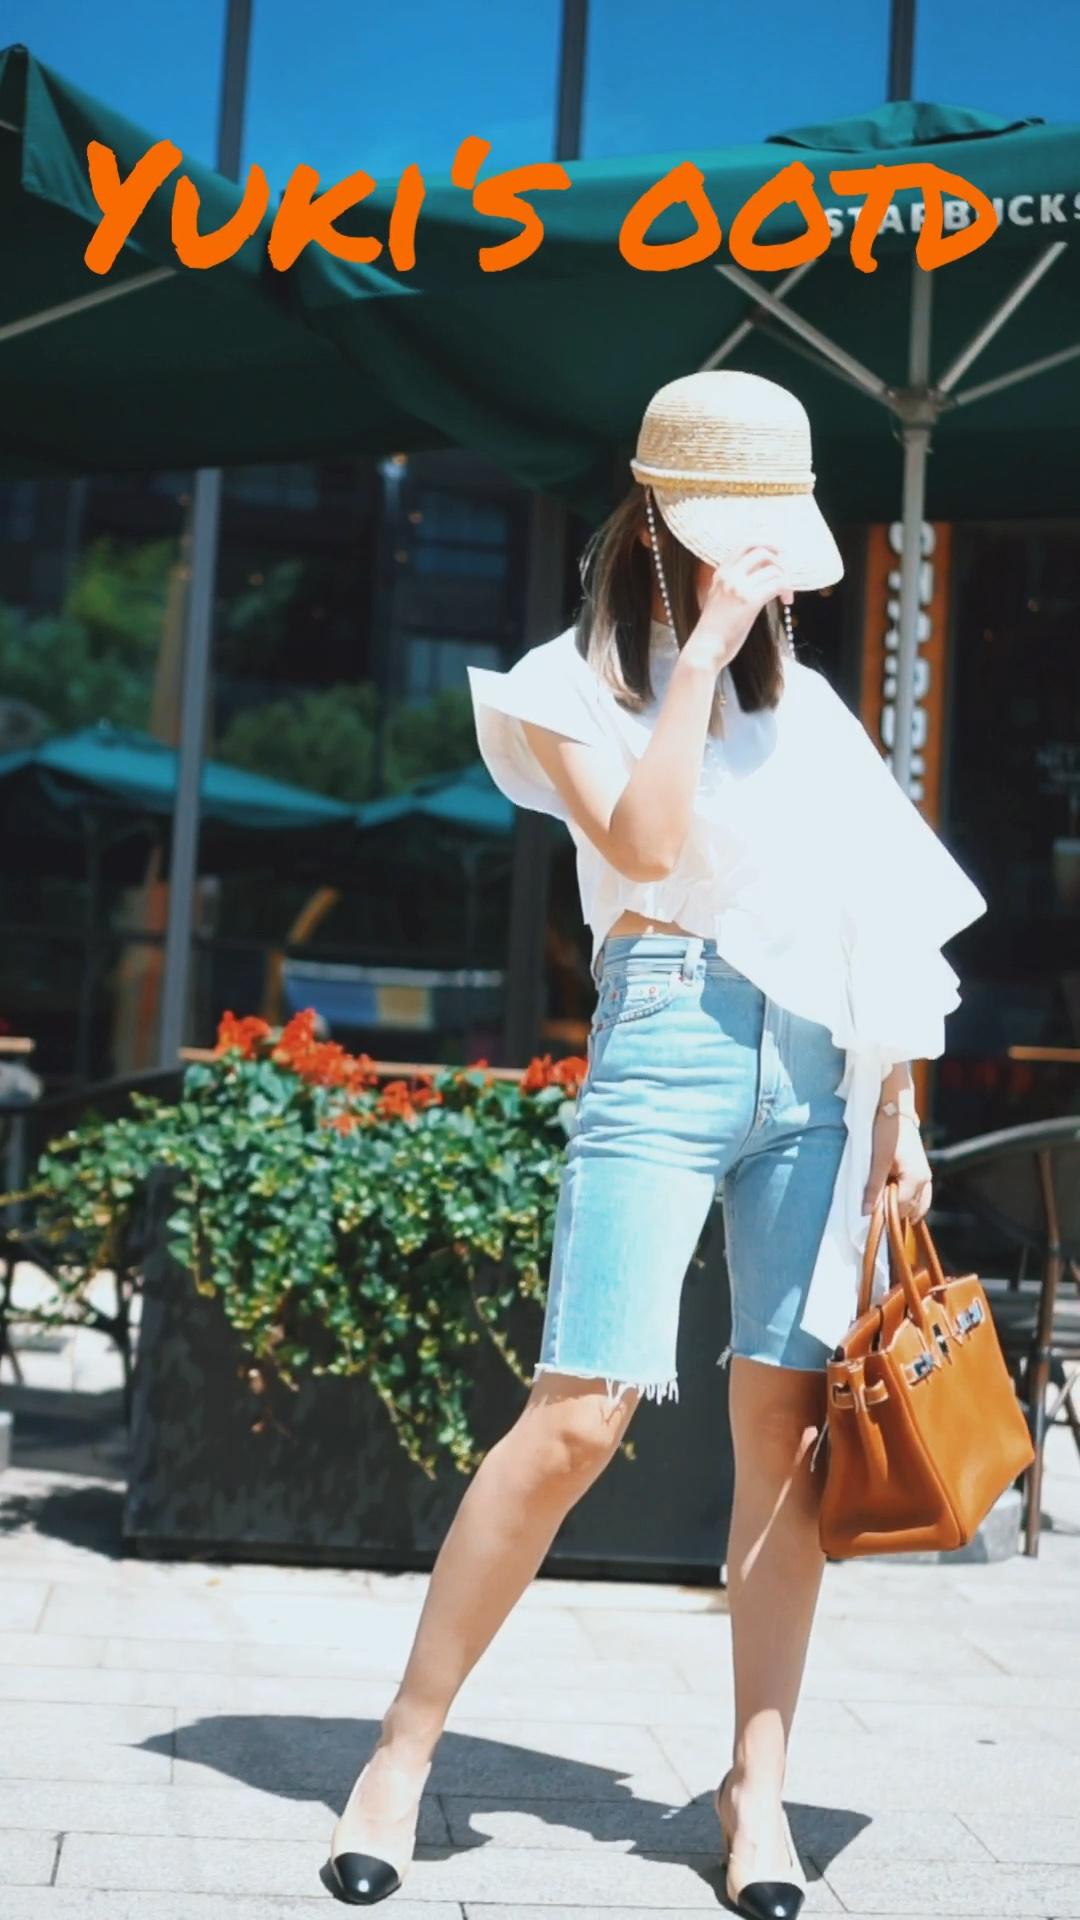 #小个子穿什么一键拉长比例# 女人对衣服的欲望总是无止境✅ 穿的美美哒心情才会好哦! 心情好了万事就顺心❤️ 良性循环模式♻️ 🌈🌈🌈 又到了到换季的时候 衣橱也要翻新咯! 🔺今日主题:优雅大方约会必备 上衣:icy 不对称的设计真的超级喜欢💕 这件上身效果出乎意料 而且还很凉快哦! 裤子:pull&bear 鞋子:chanel 包包:hermes 帽子:ann teano